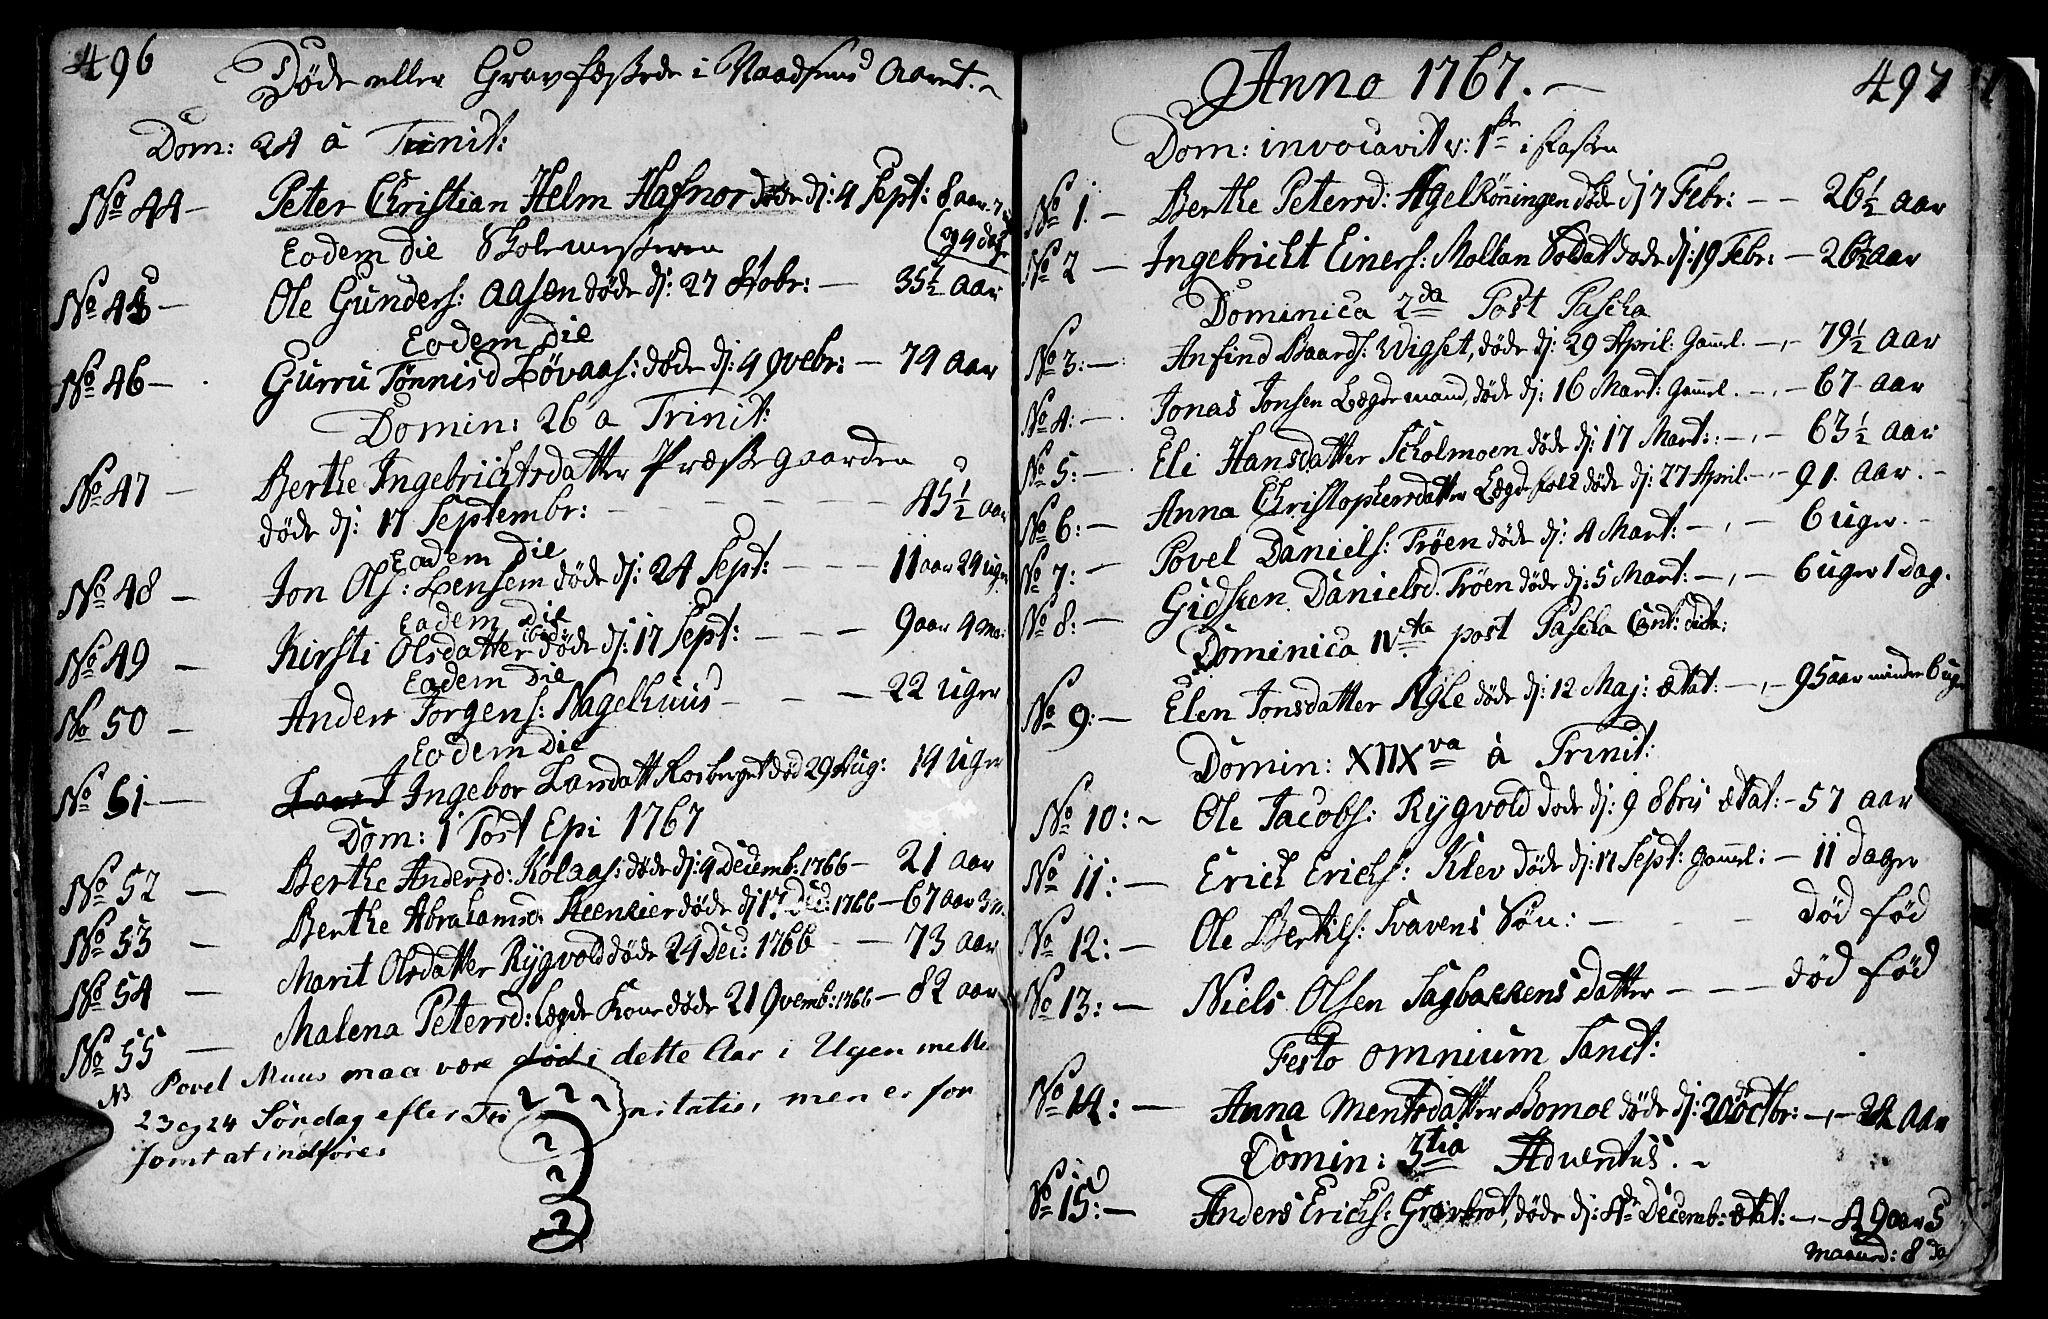 SAT, Ministerialprotokoller, klokkerbøker og fødselsregistre - Nord-Trøndelag, 749/L0467: Ministerialbok nr. 749A01, 1733-1787, s. 496-497